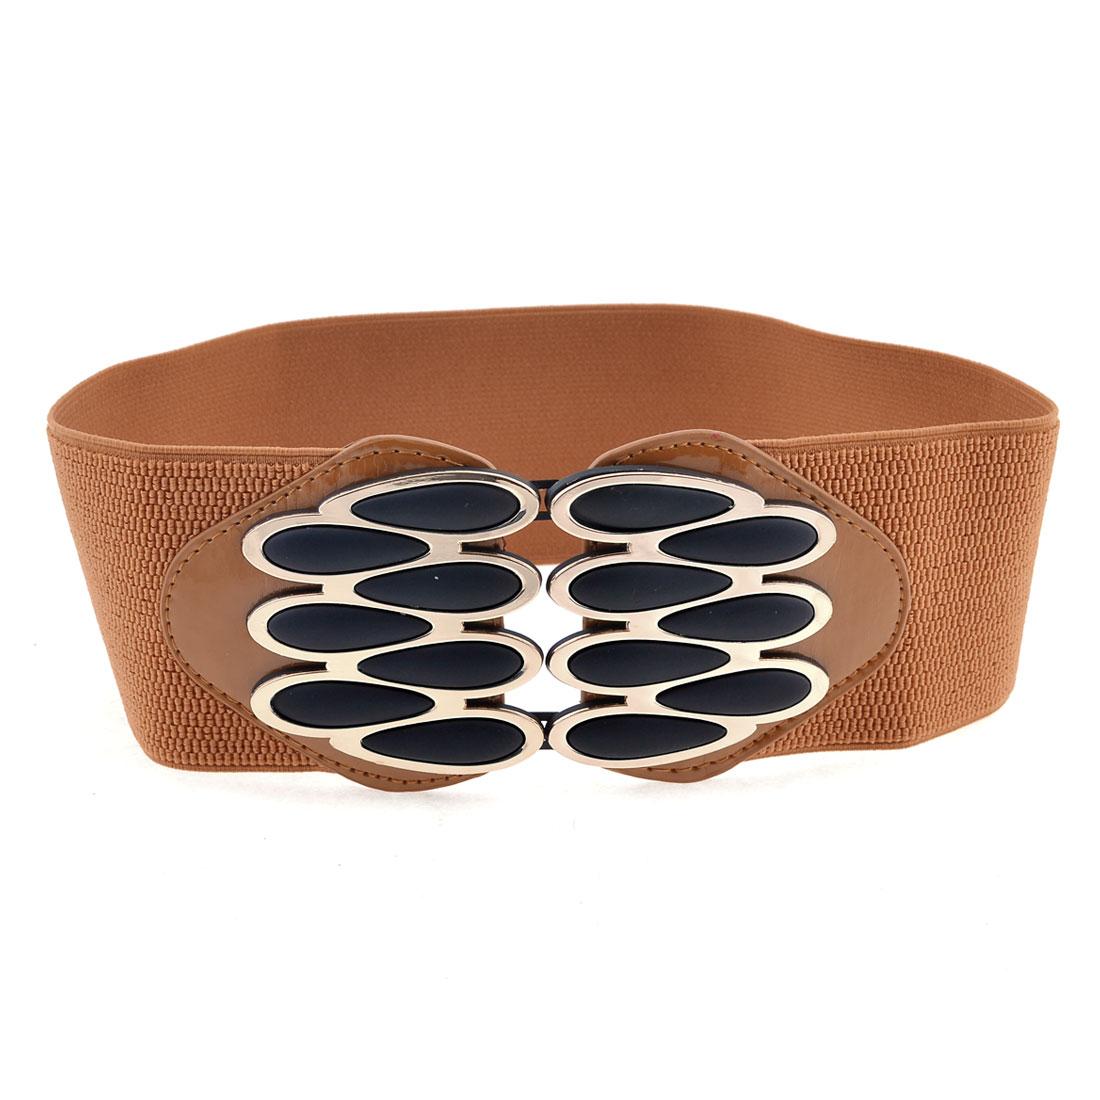 Brown Hidden Interlocking Buckle Elastic Belt for Women